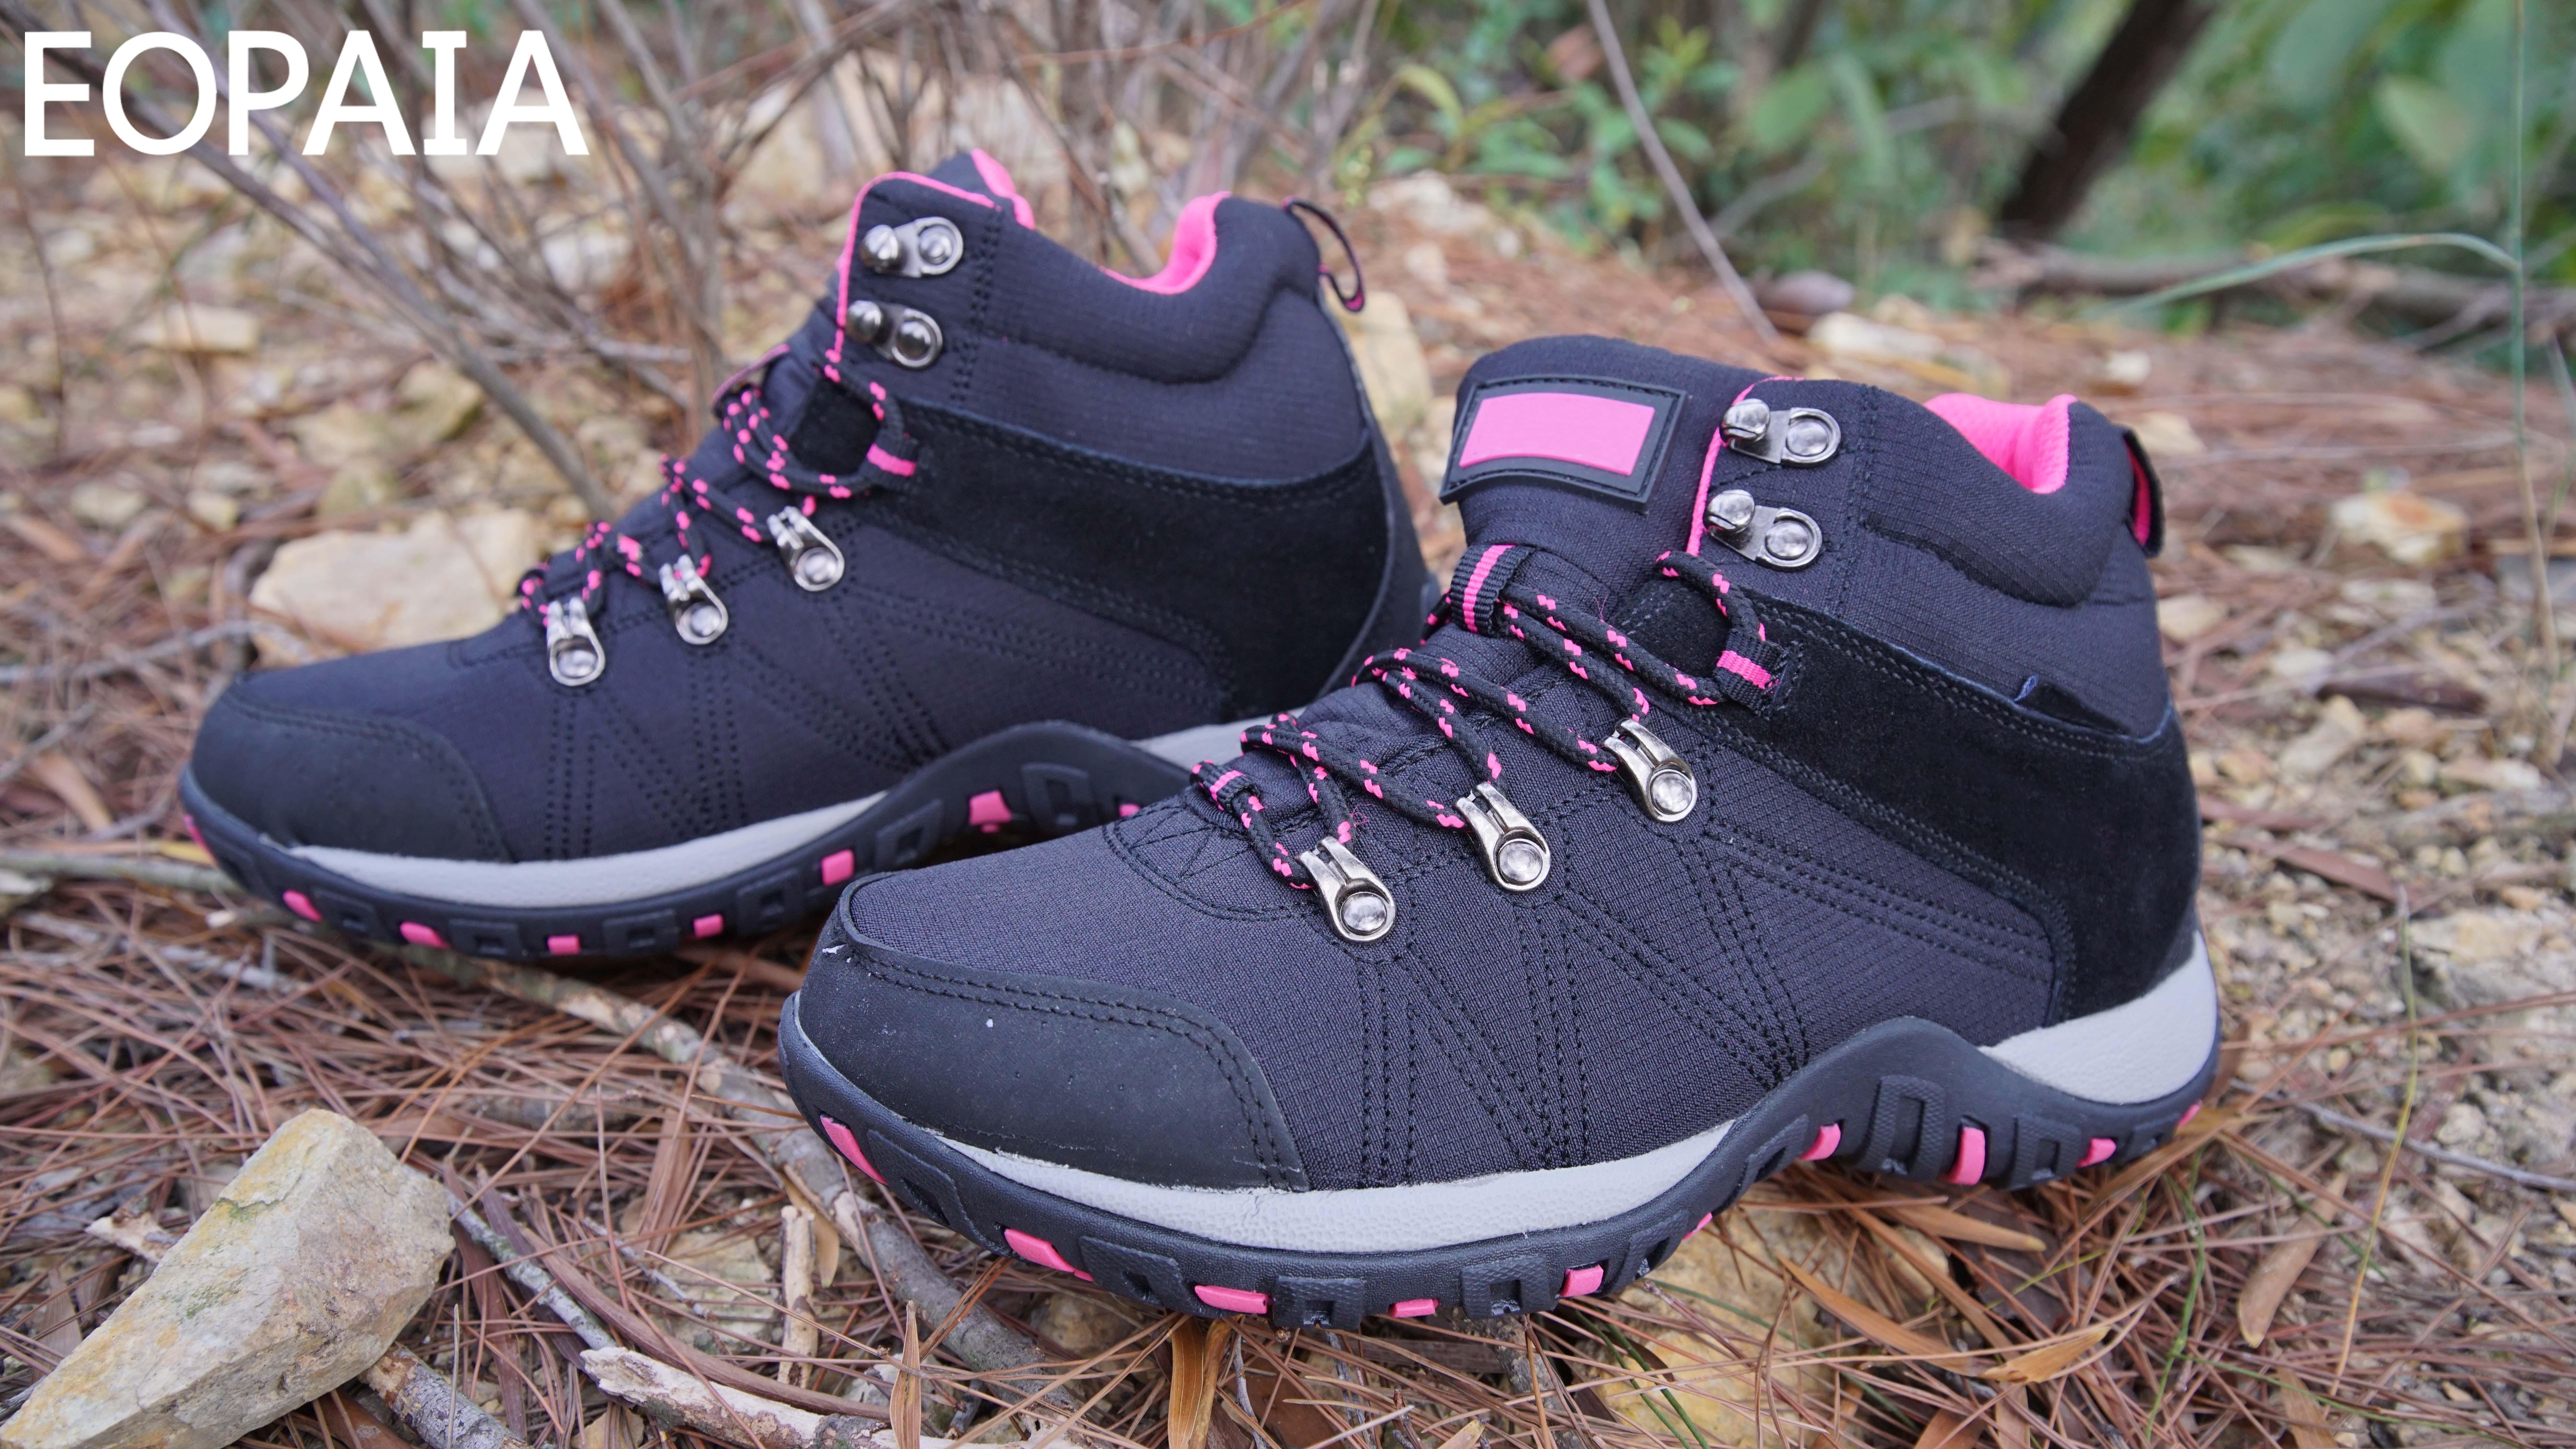 Bottes d'alpinisme pour femmes extérieures à boutons métalliques